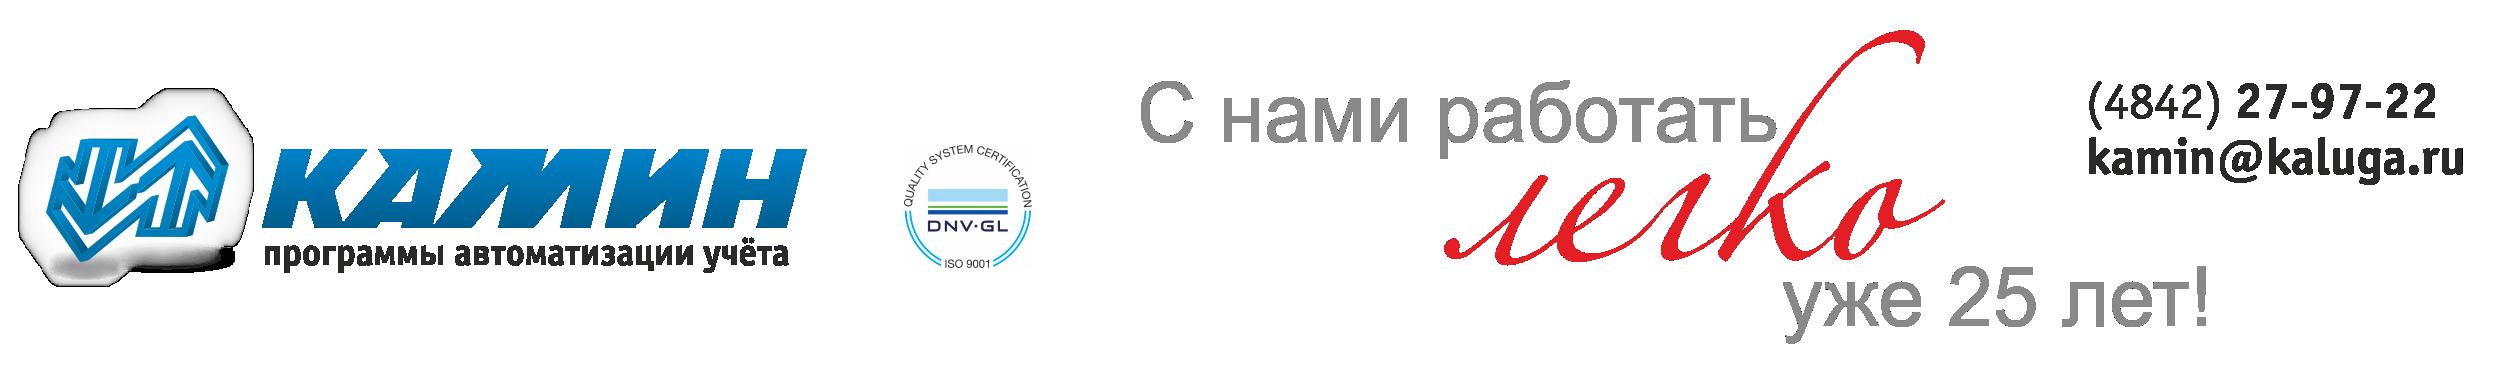 КАМИН - программы автоматизации учета